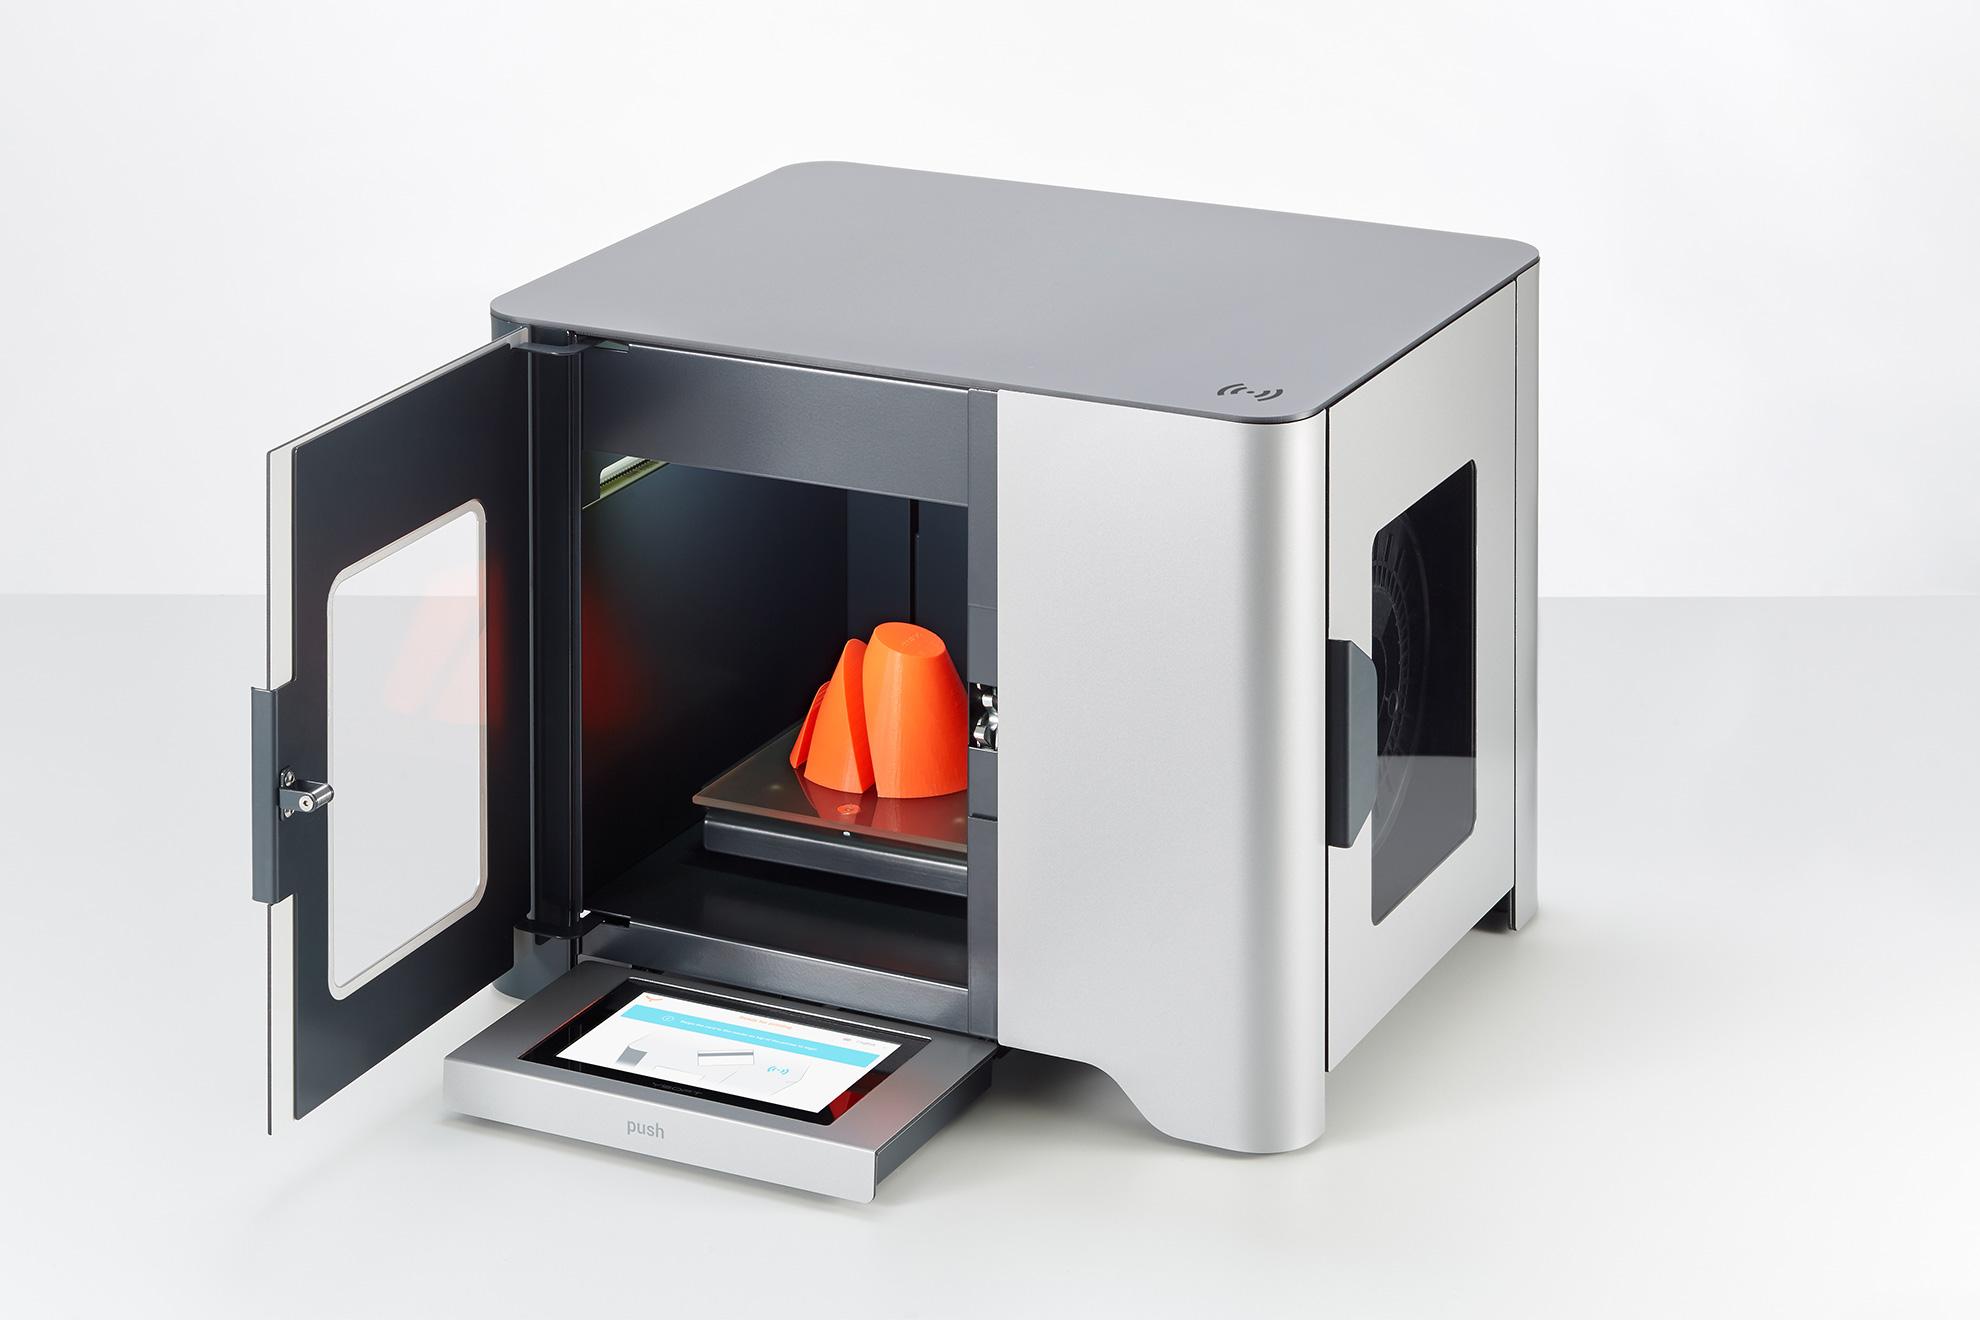 Požadavky na zabezpečení 3D tiskáren rostou, útoků přibývá